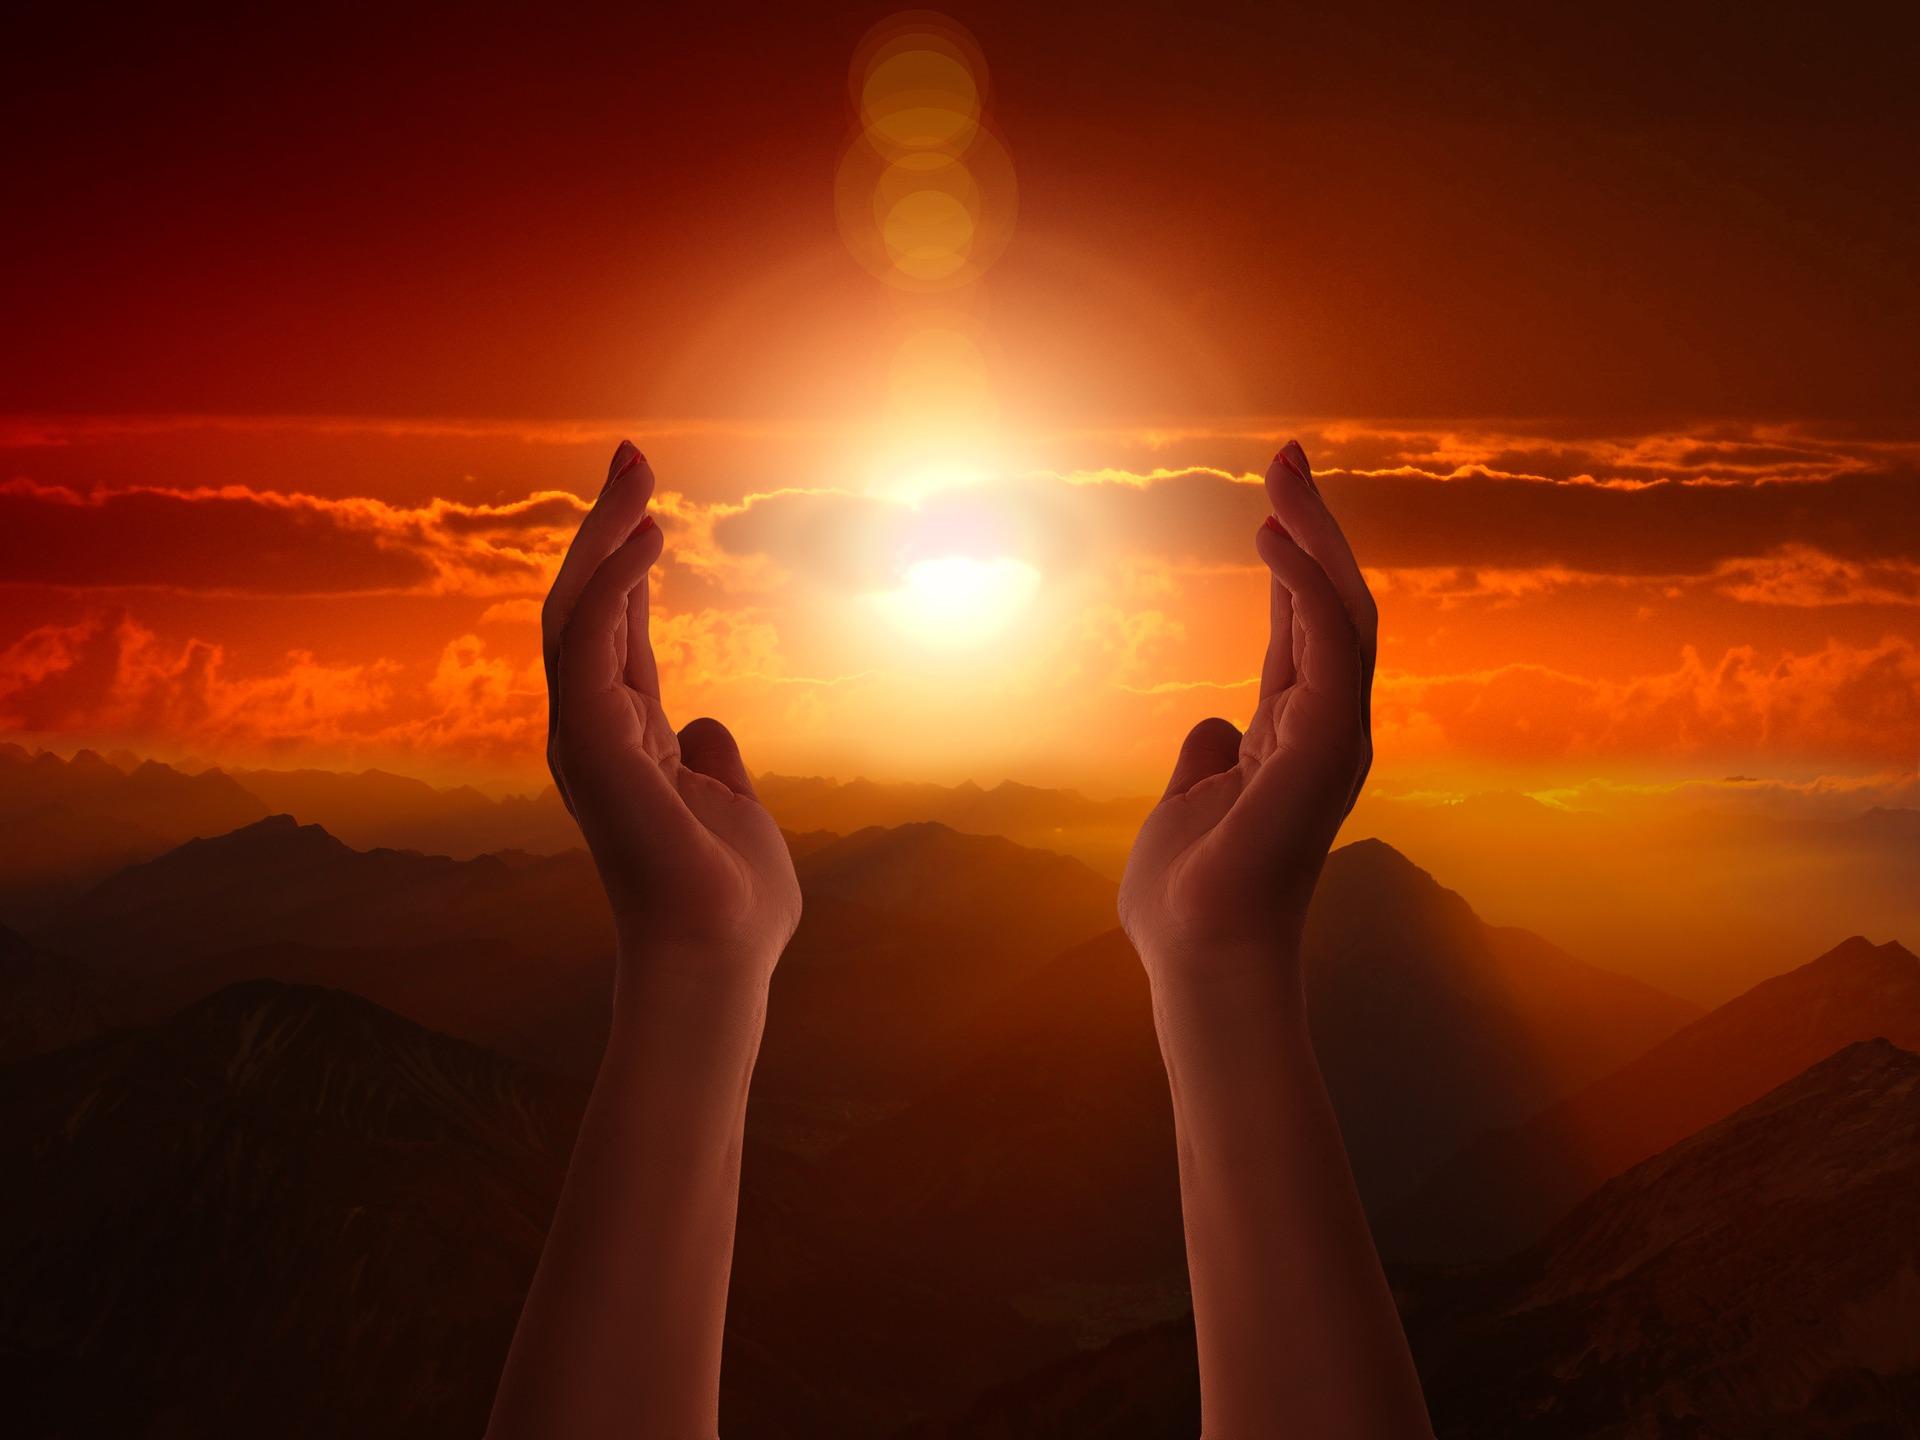 Afbeeldingsresultaat voor spiritueel het licht in jou en het licht in mij